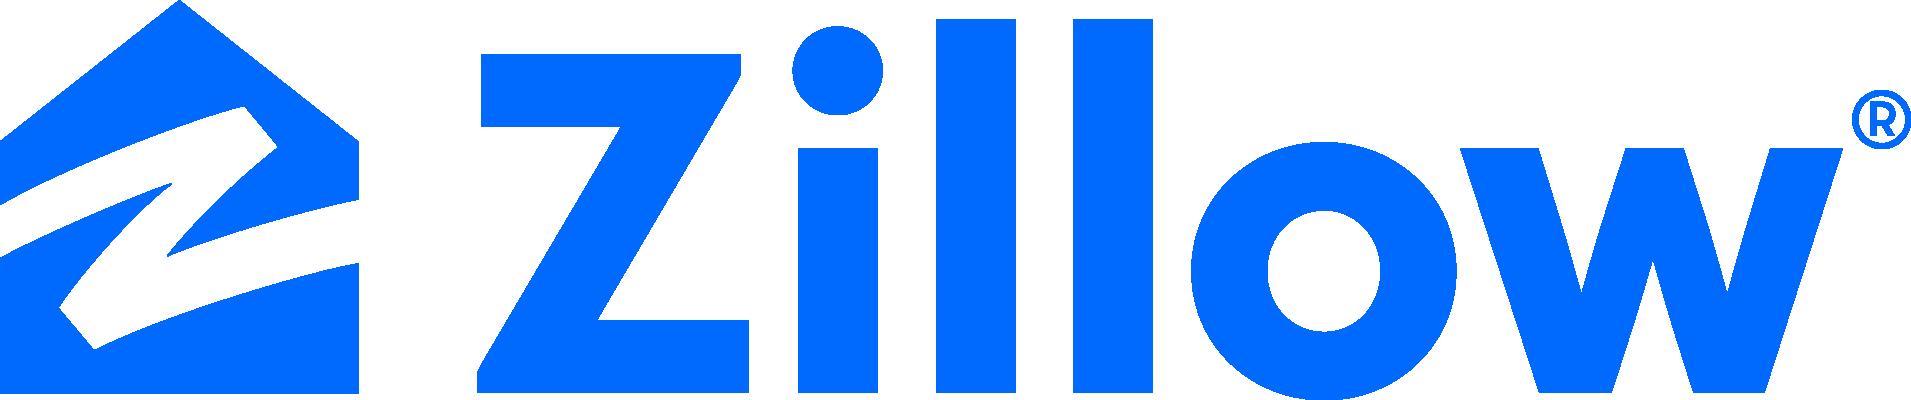 reach 150 logo